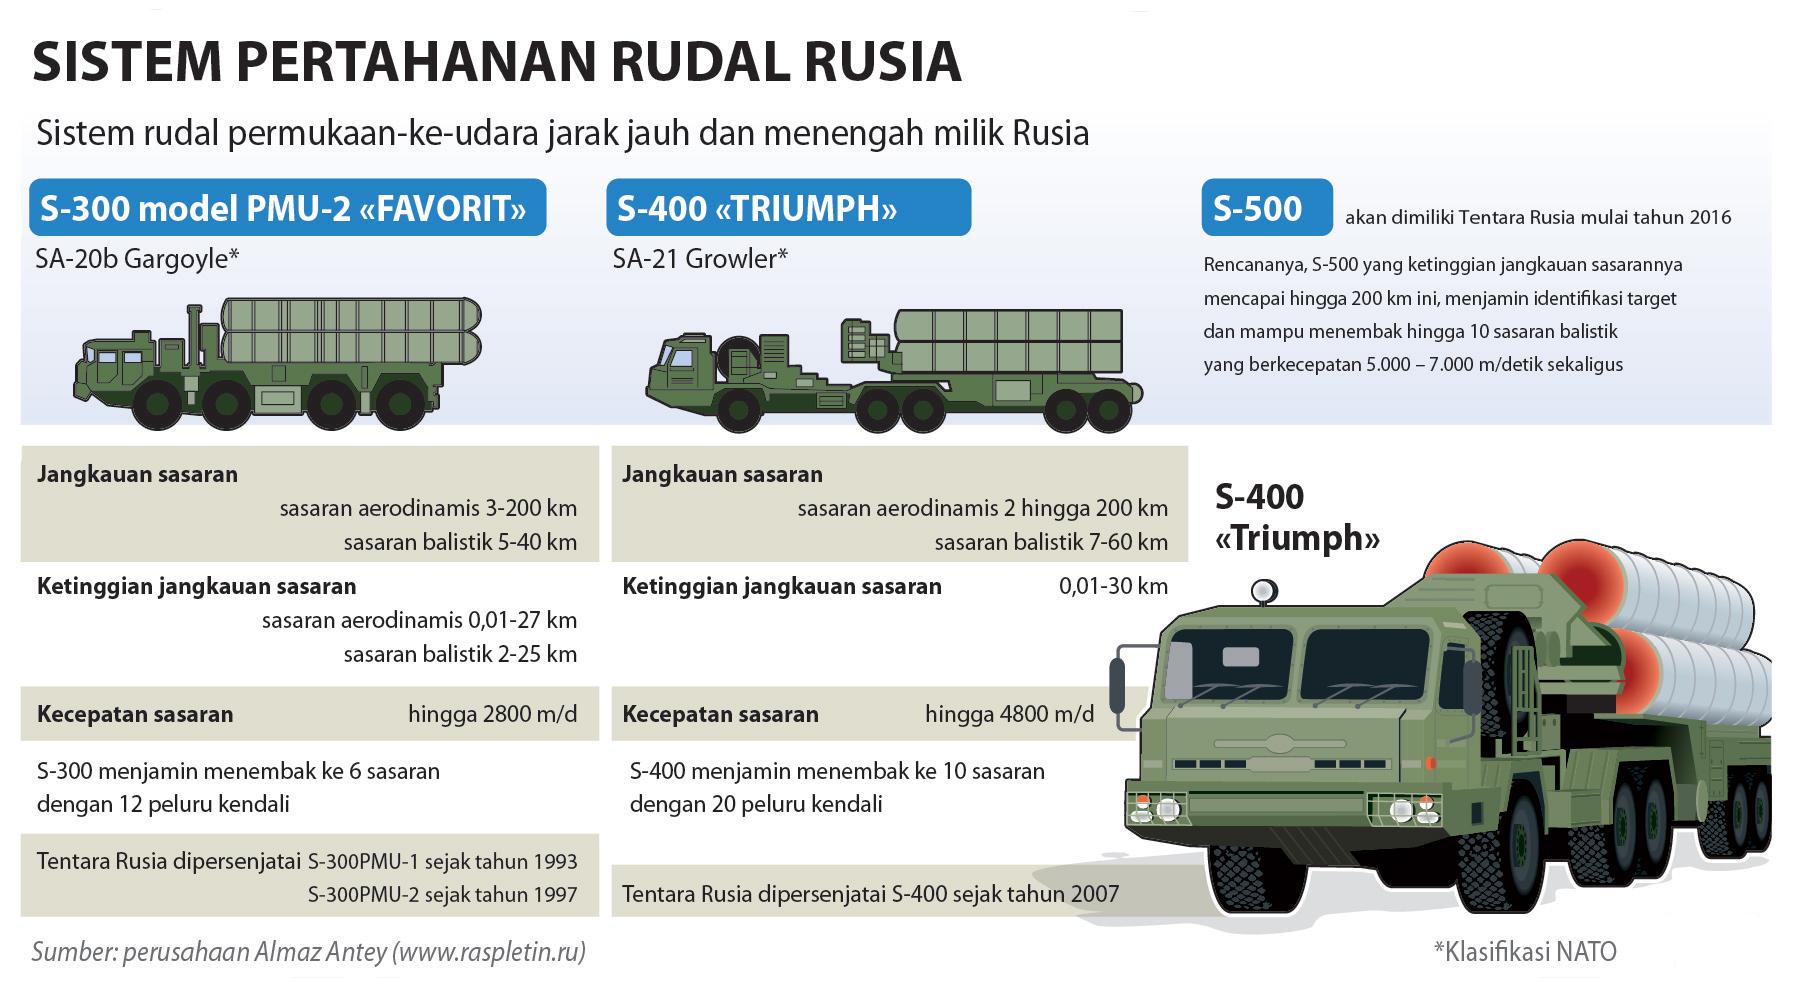 Klik untuk memperbesar infografis Sistem Pertahanan Rudal Rusia.